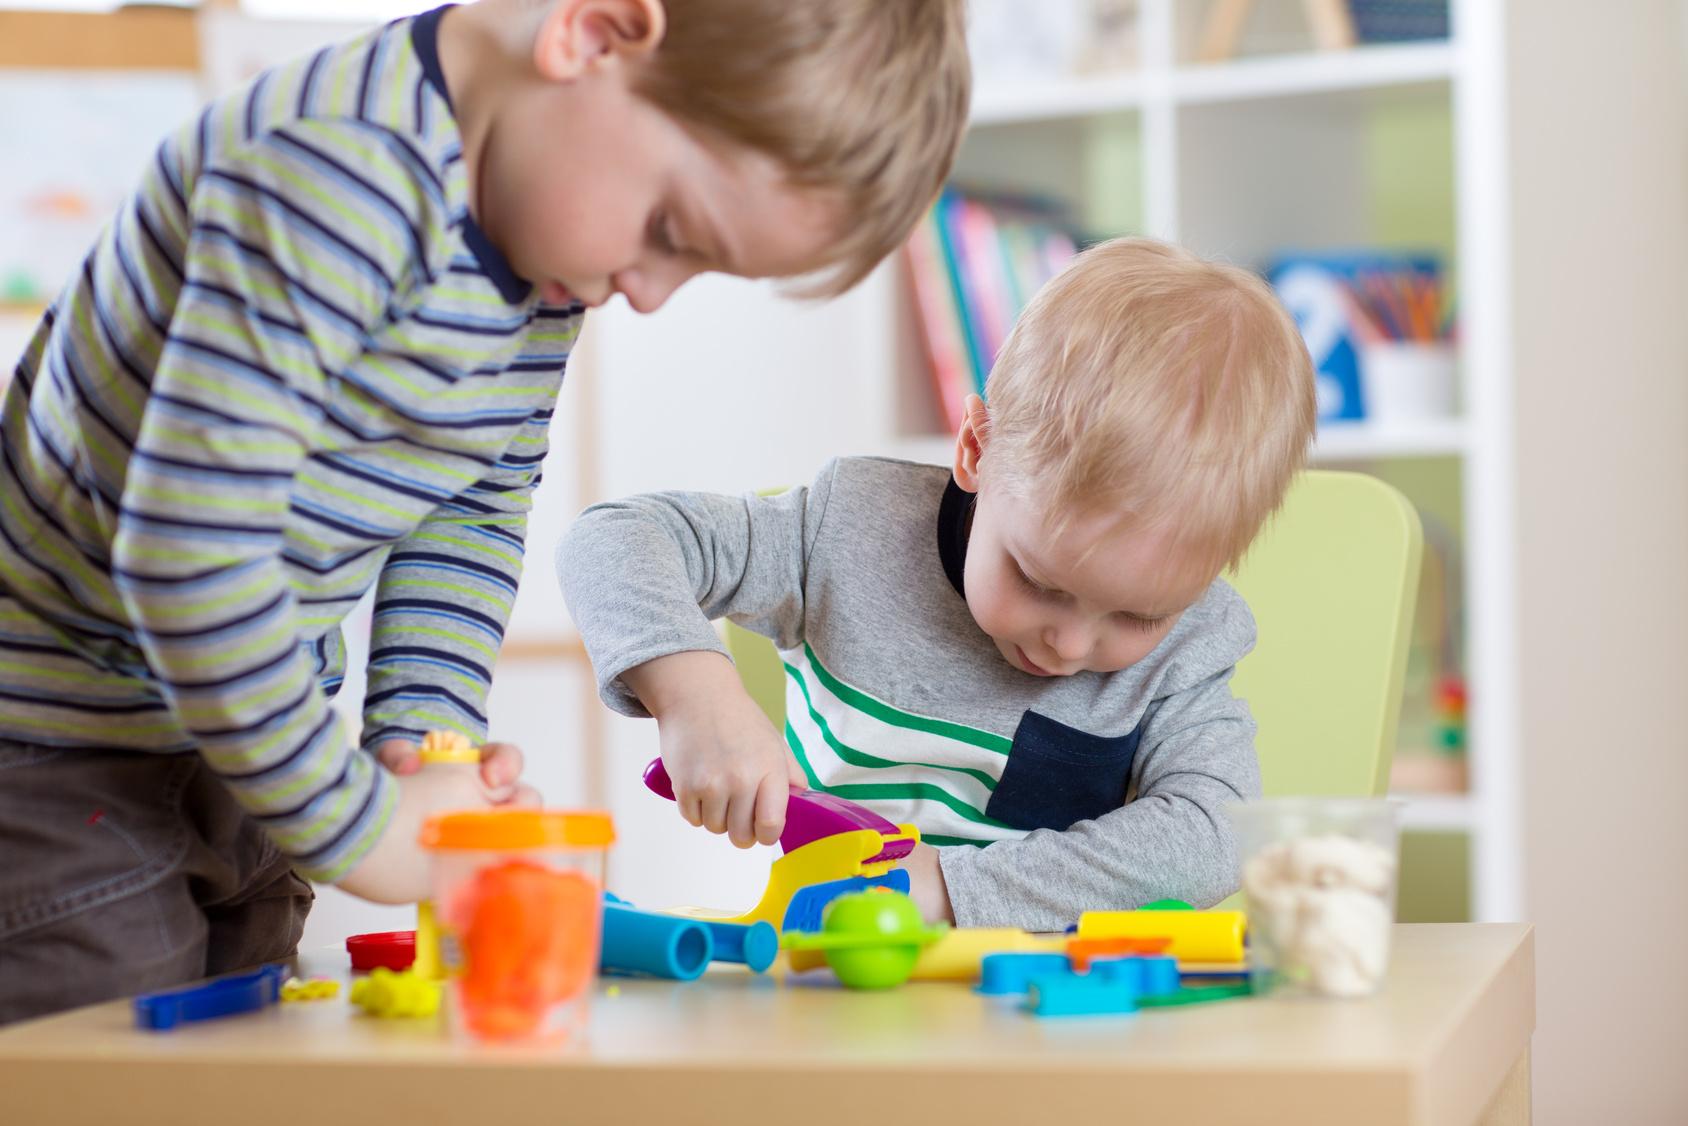 12 activités psychomotrices Pour Les 0-3 Ans - Gardienne Nanny Secours Jeux Educatif 3 Ans En Ligne